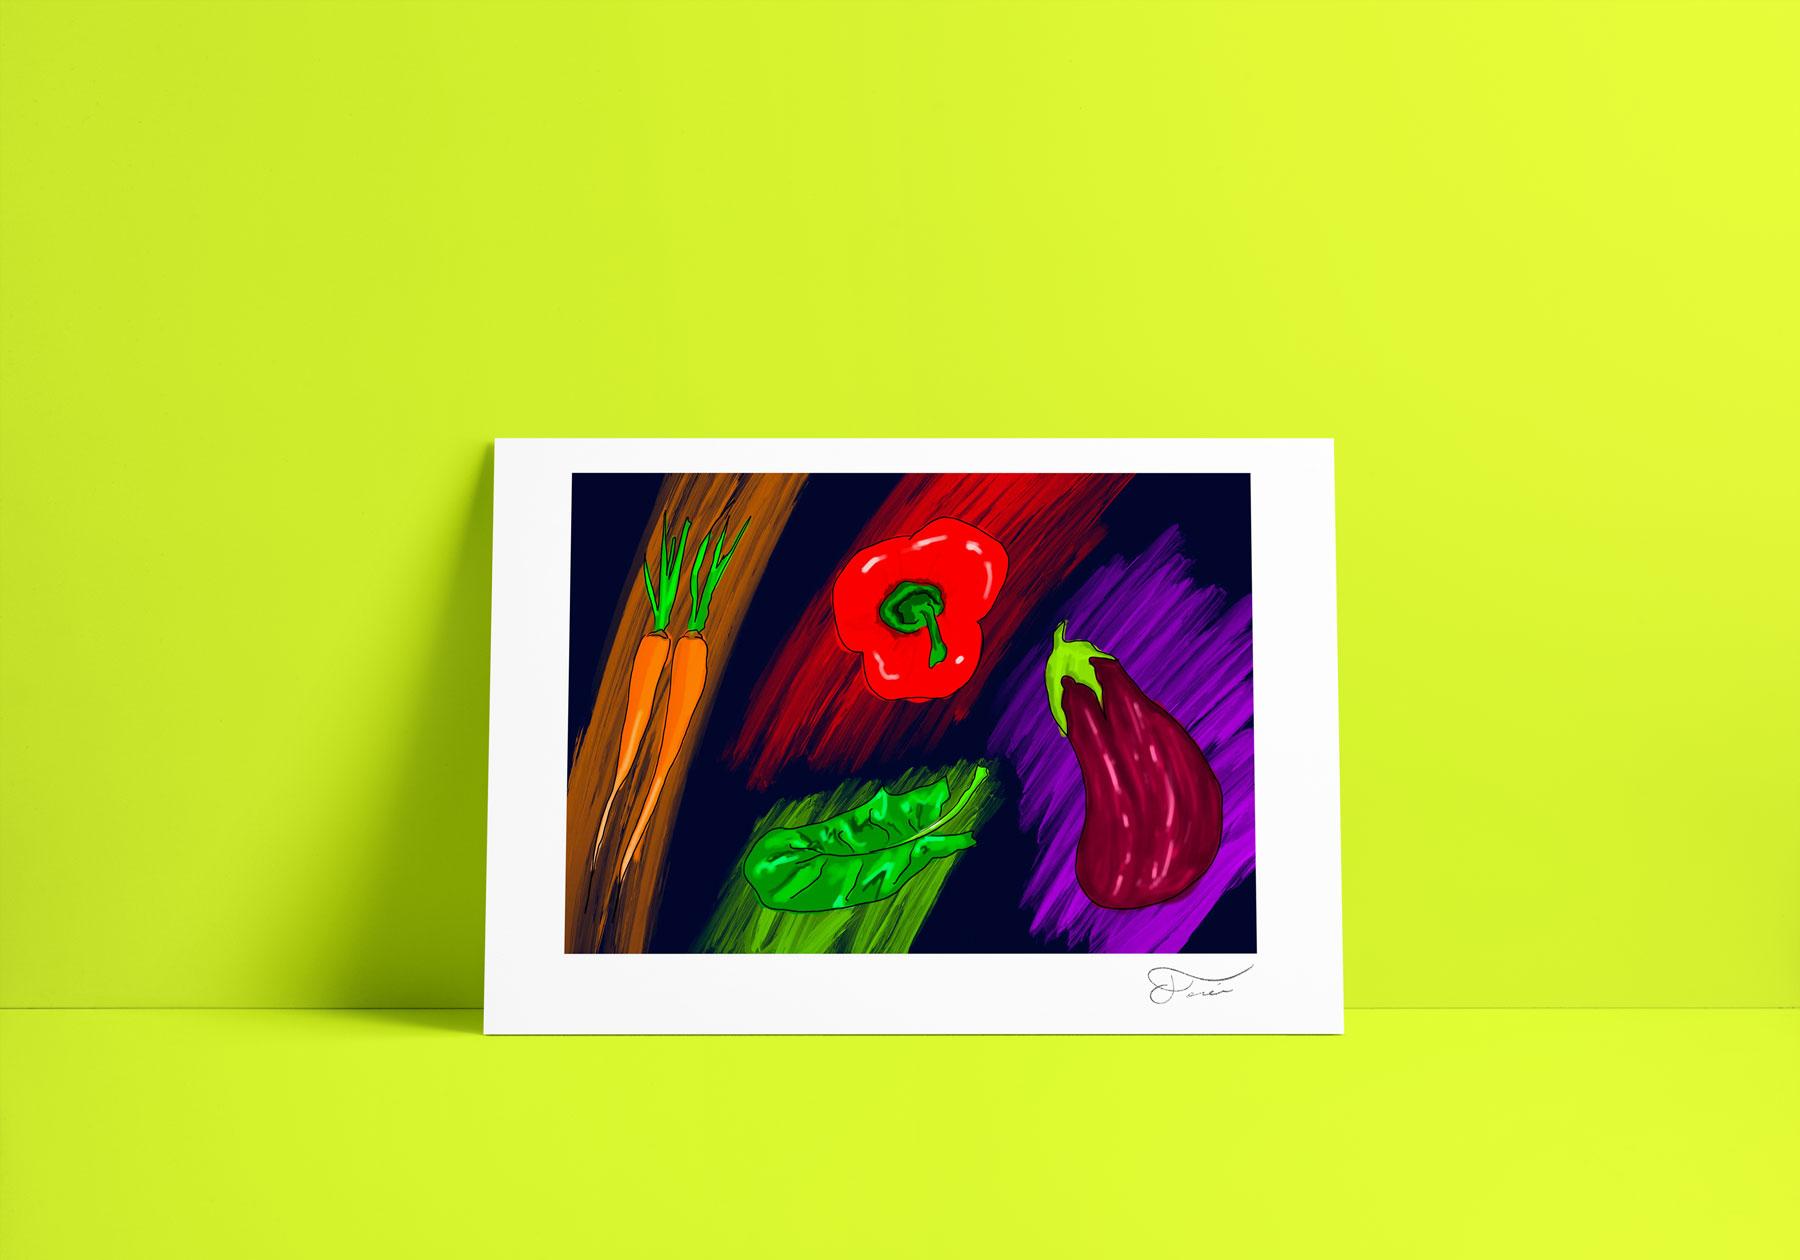 Verduras ilustración Carlos Forcén